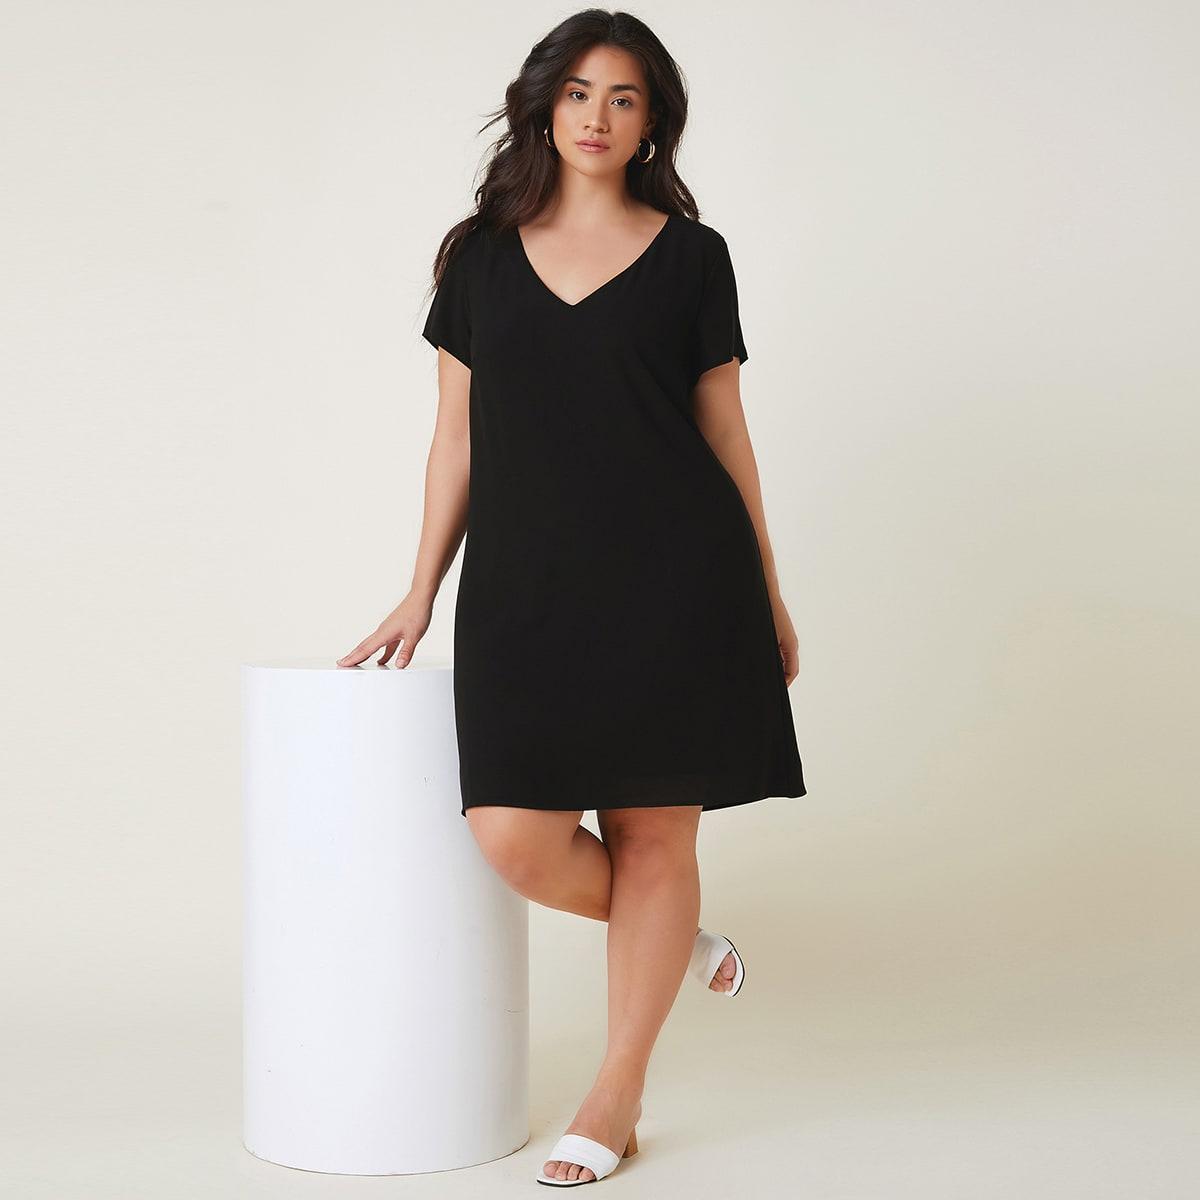 Однотонное платье размера плюс с v-образным воротником